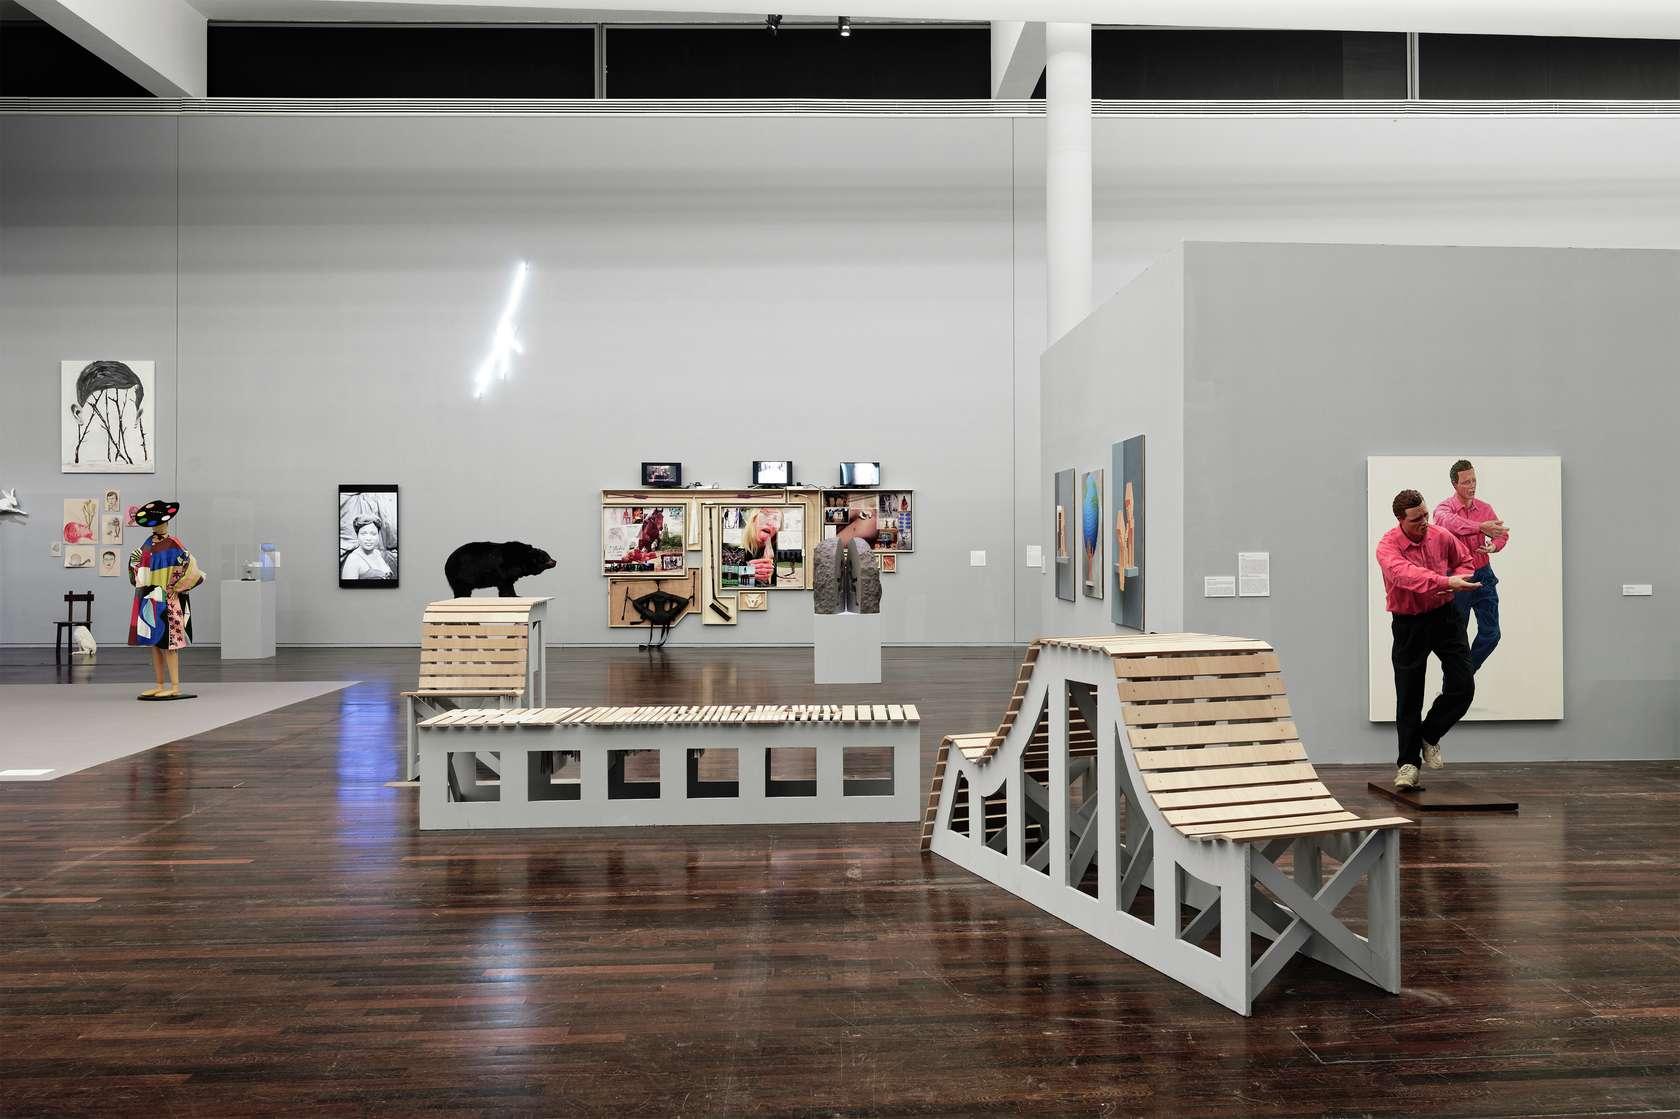 Françoise Pétrovitch & Abraham Poincheval Lignes de vies - une exposition de légendes MAC / VAL - Musée d'art contemporain du Val-de-Marne, Vitry-sur-Seine (FR) 30 mars  — 25 août 2019